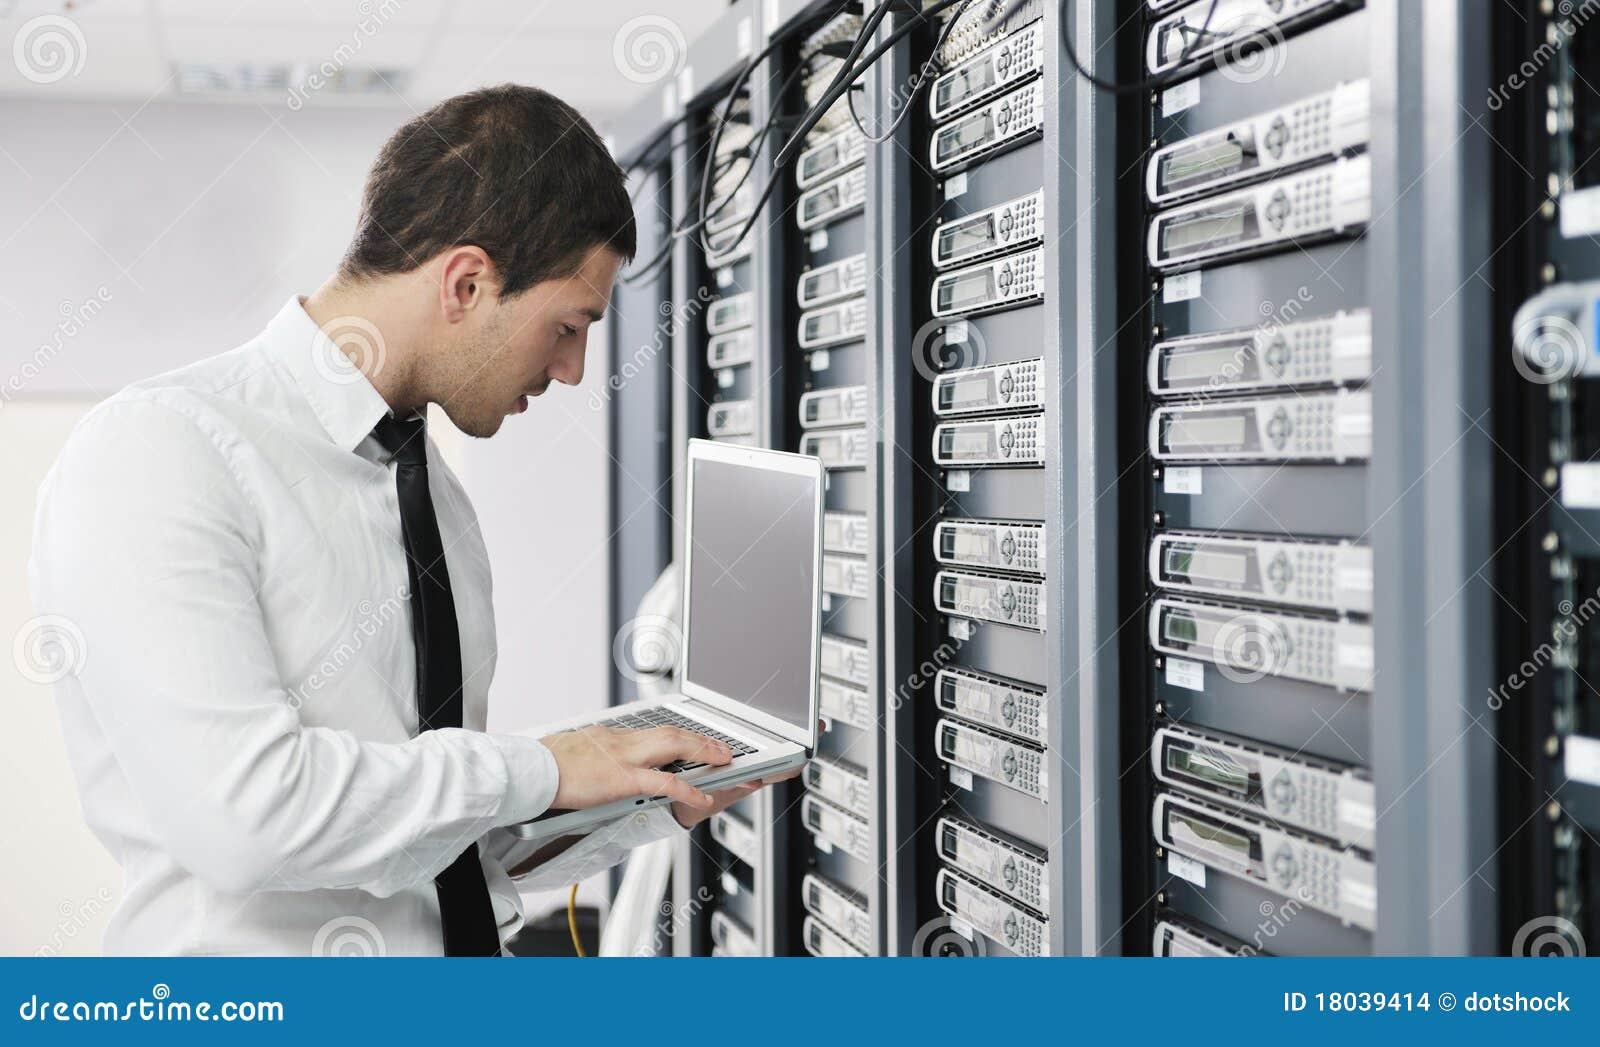 Jóvenes él ingeniero en sitio del servidor del datacenter